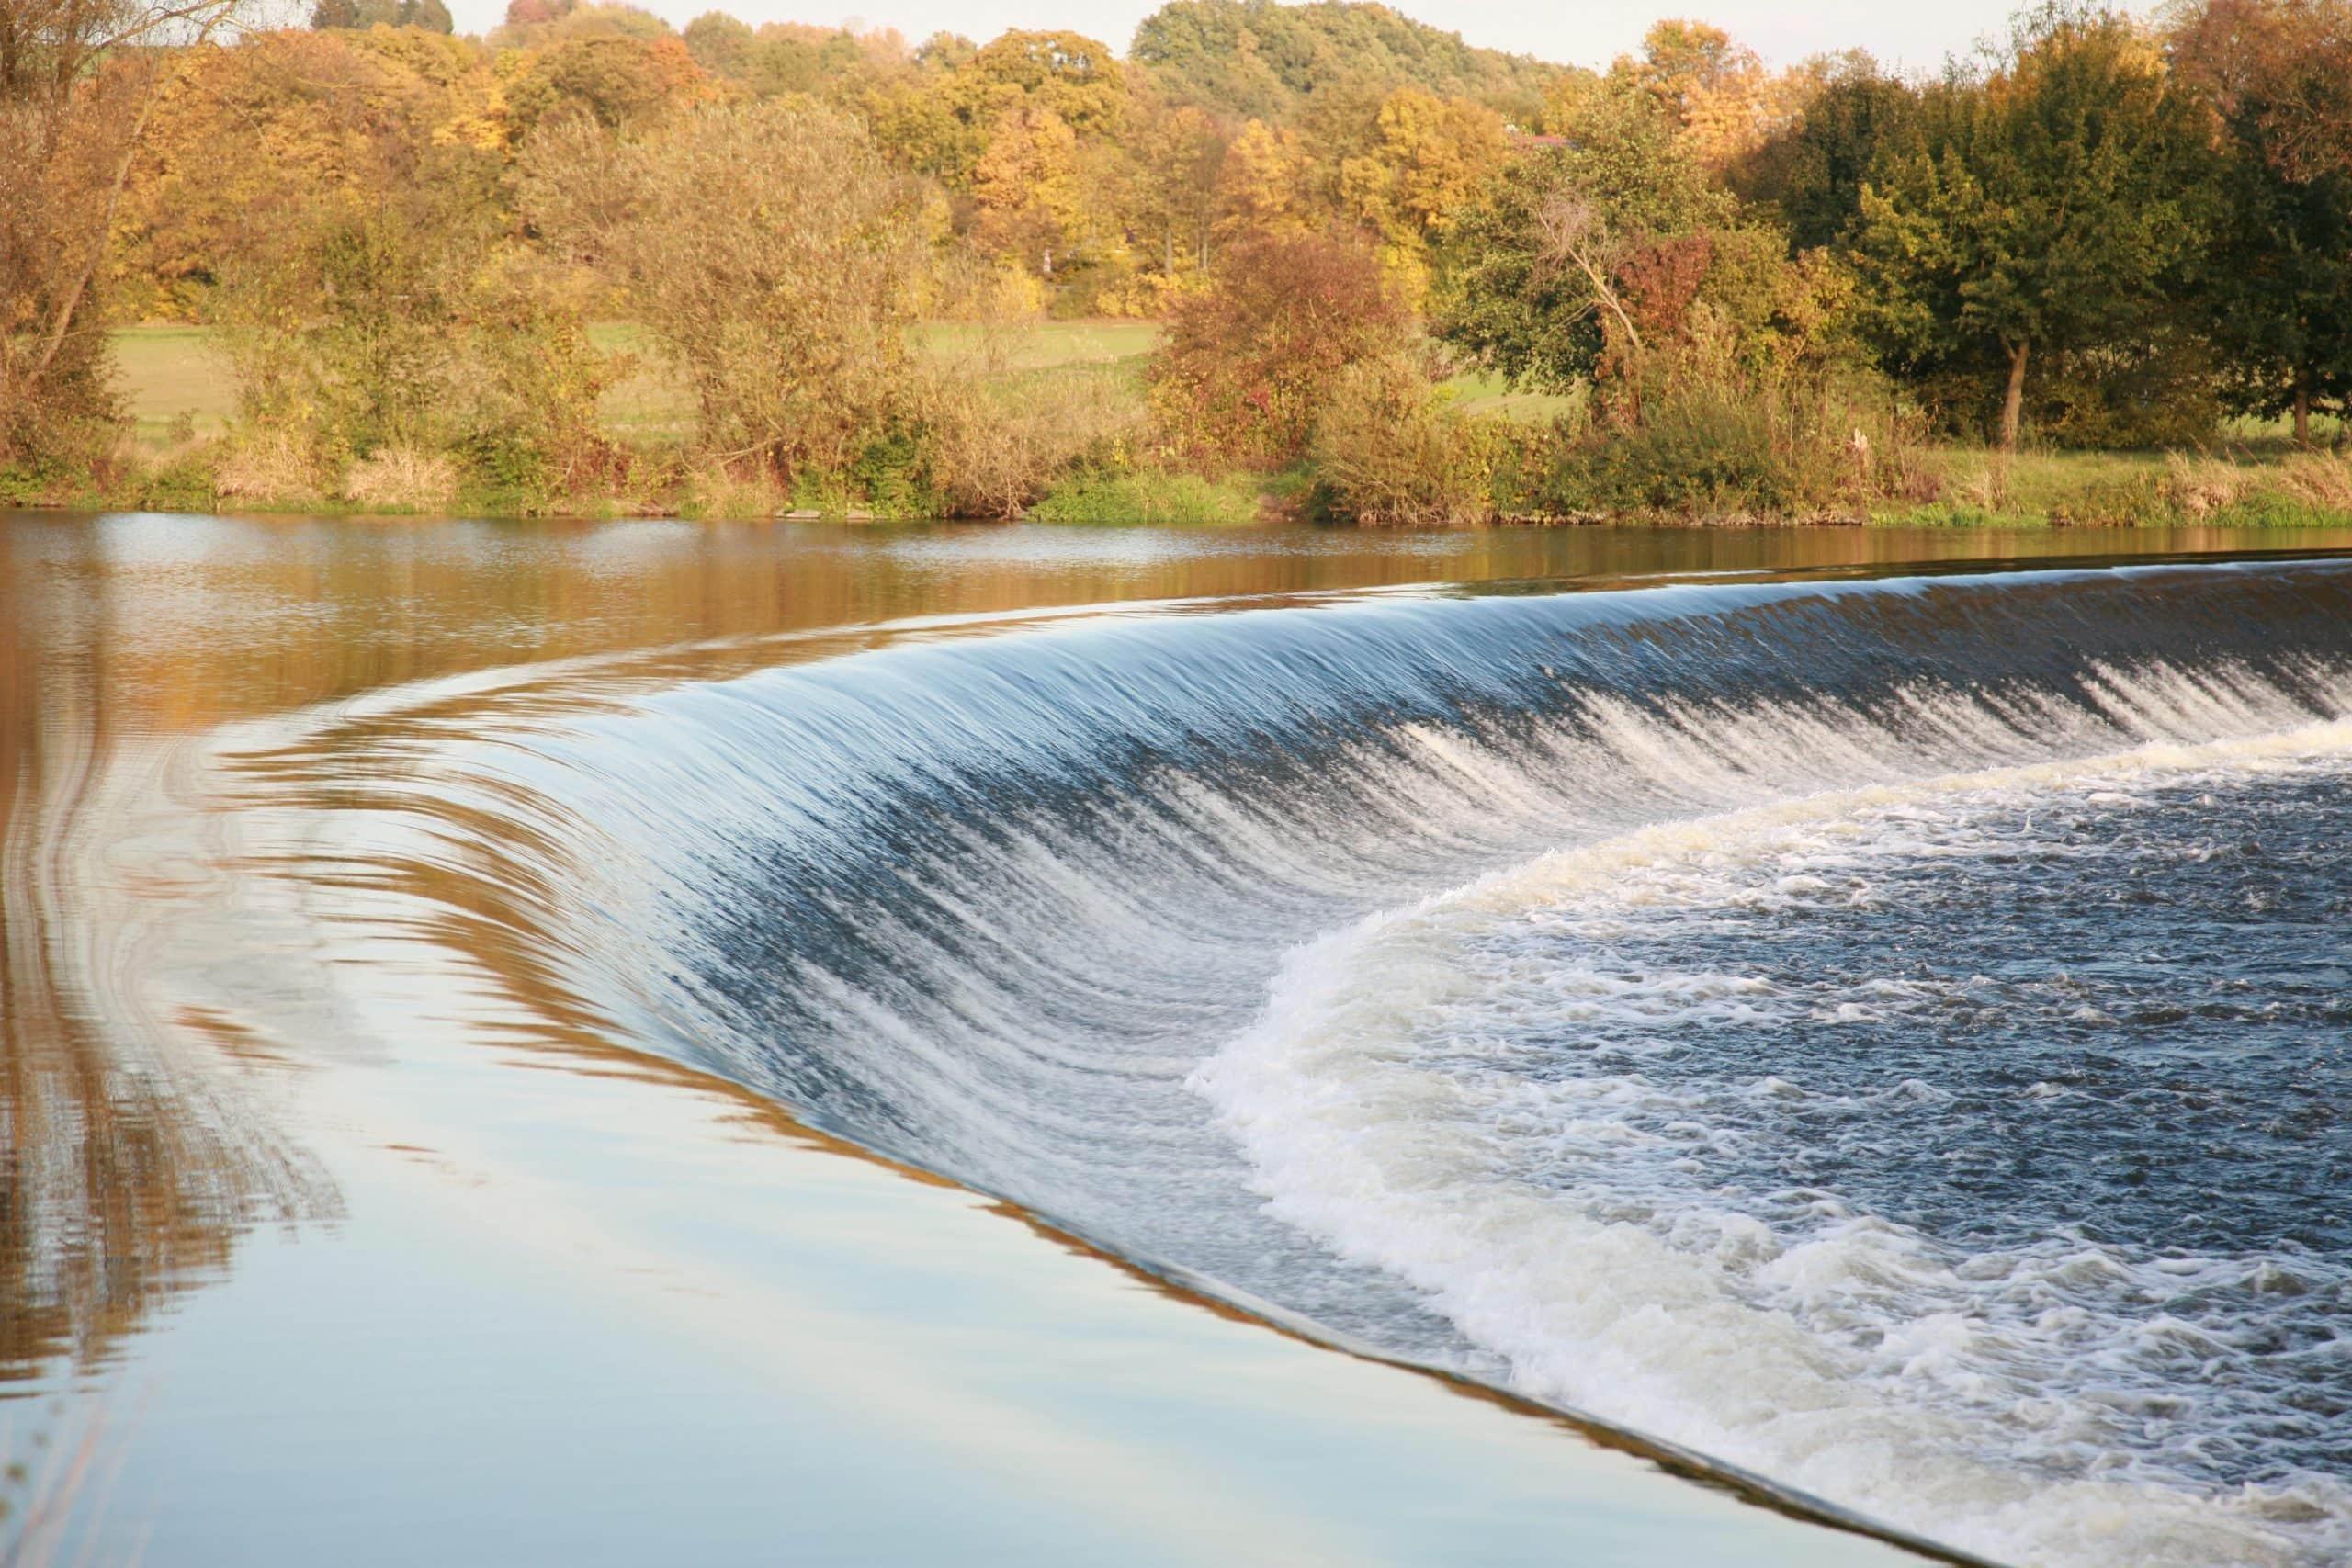 Vorerst kein Wasserkraftwerk bei Pielmühle Bayerischer Landtag stoppt geplanten Bau / Naherholungsgebiet bei Lappersdorf gerettet